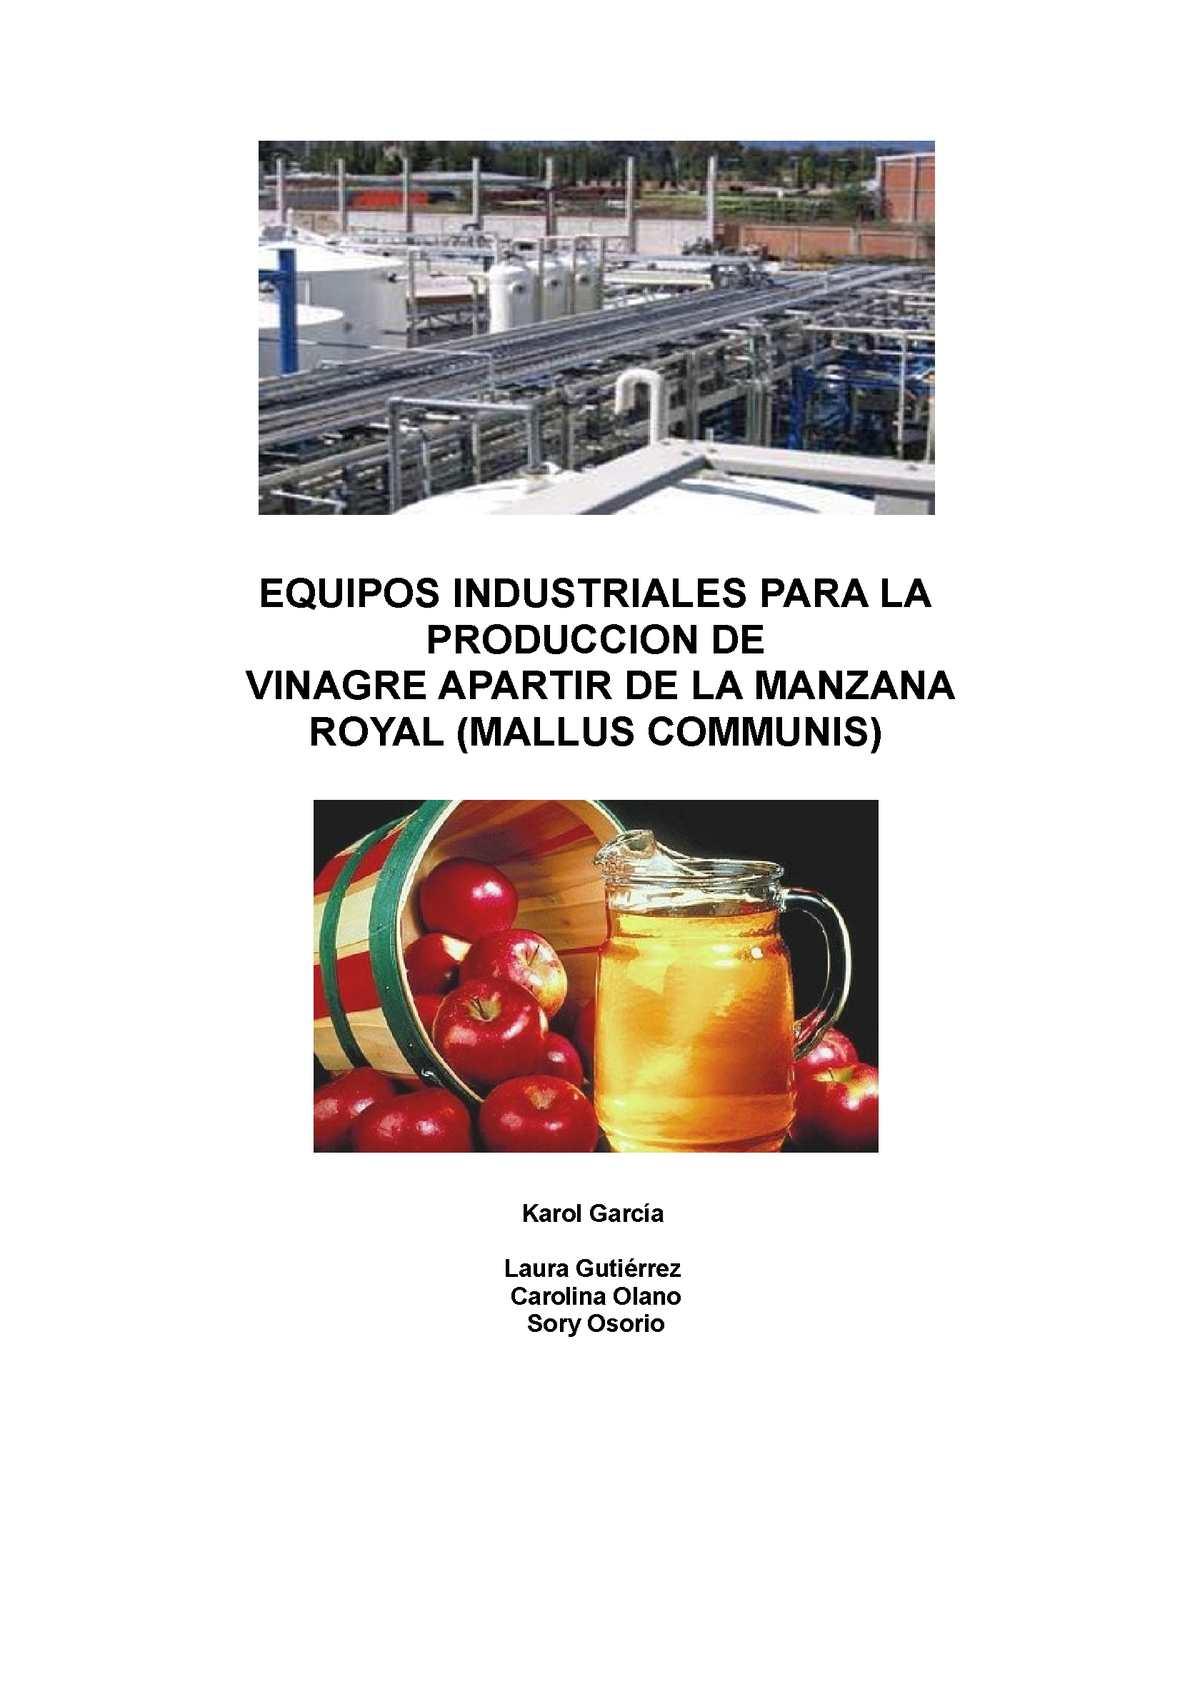 EQUIPOS INDUSTRIALES PARA LA PRODUCCION DE  VINAGRE APARTIR DE LA MANZANA ROYAL (MALLUS COMMUNIS)